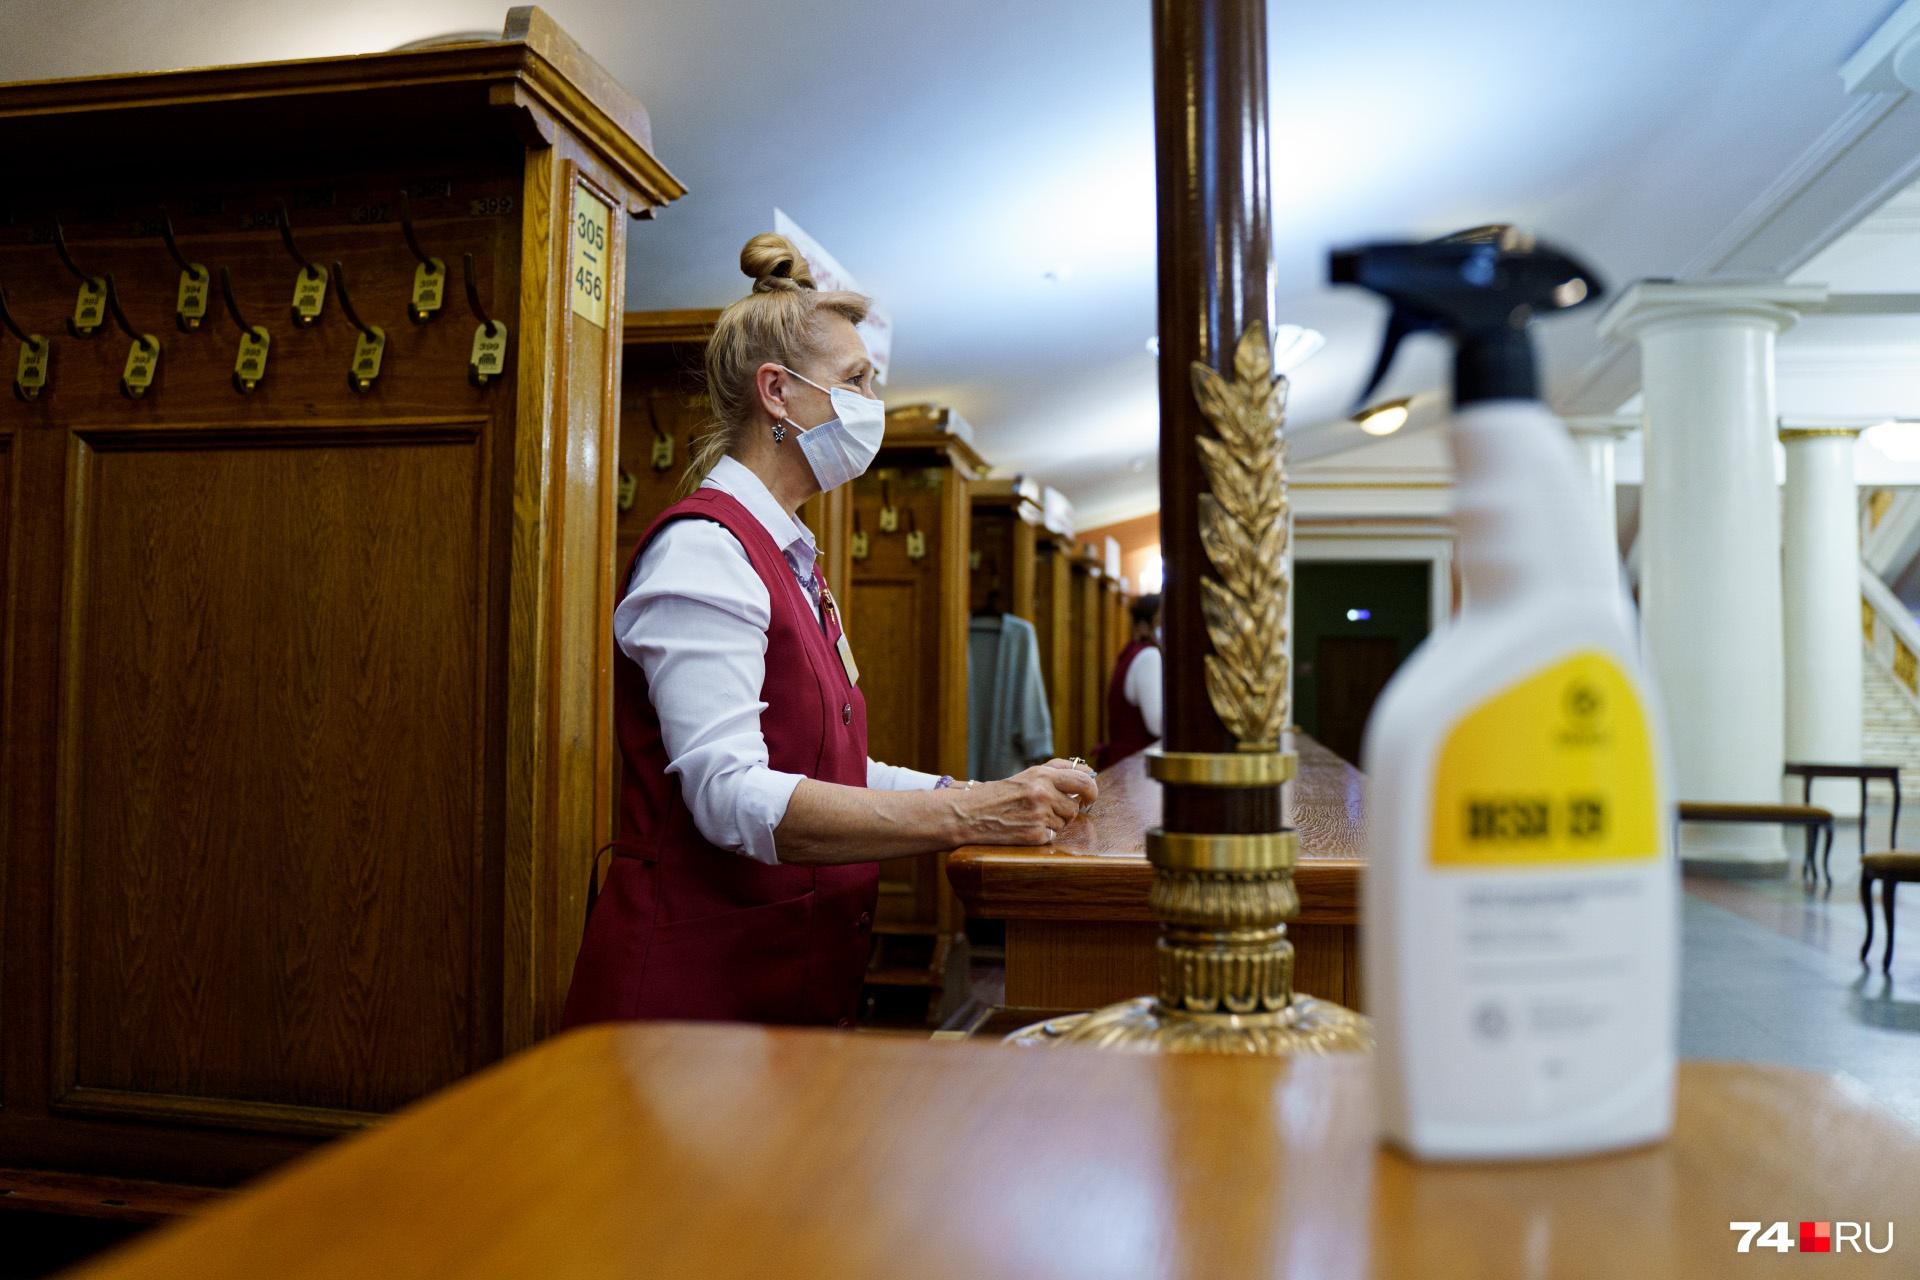 А гости при желании могли воспользоваться санитайзерами